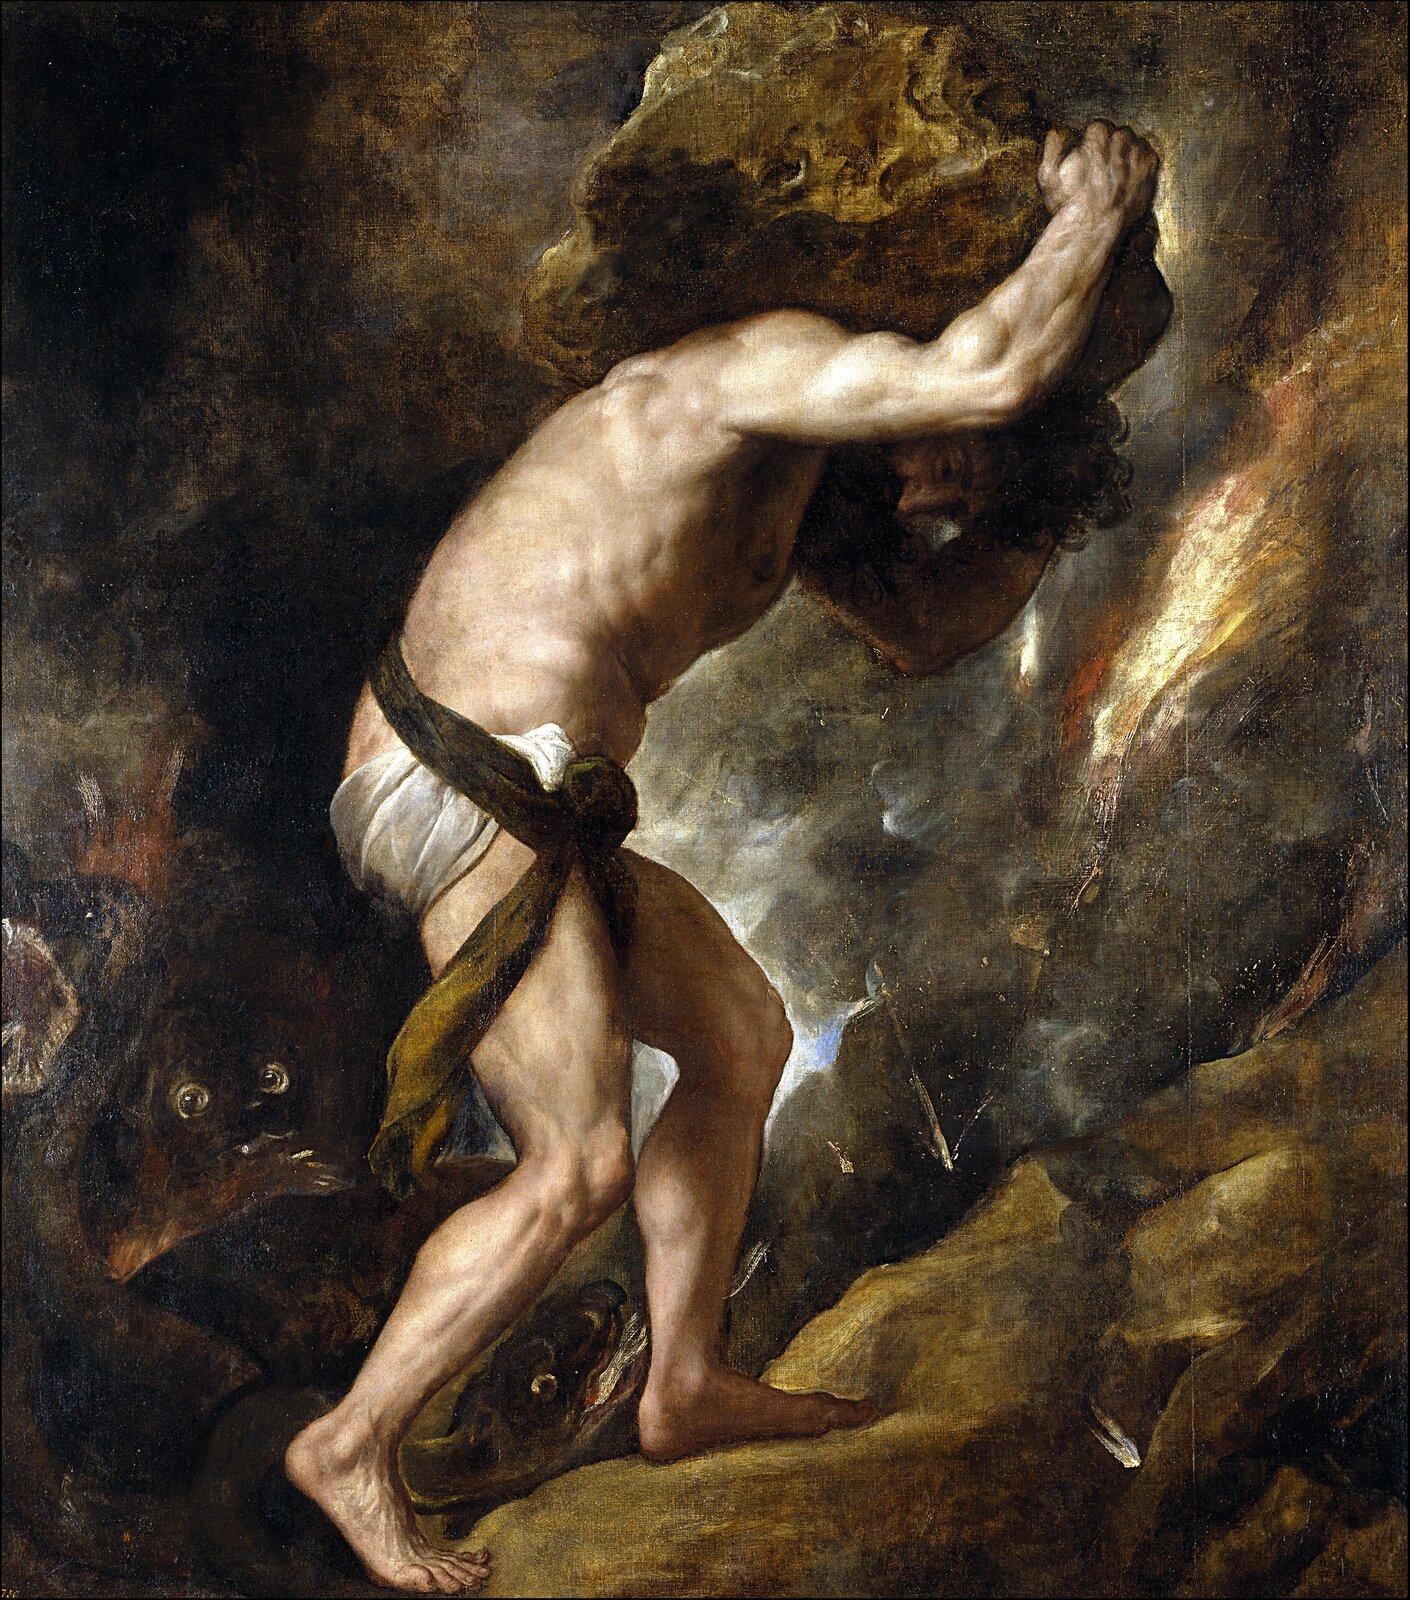 """Ilustracja przedstawia dzieło Tycjana zatytułowane """"Syzyf"""". Wcentrum obrazu znajduje się postać mężczyzny zprzepaską na biodrach, który wnosi na barkach na górę ogromny głaz. Mężczyzna ma napięte wszystkie mięśnie."""